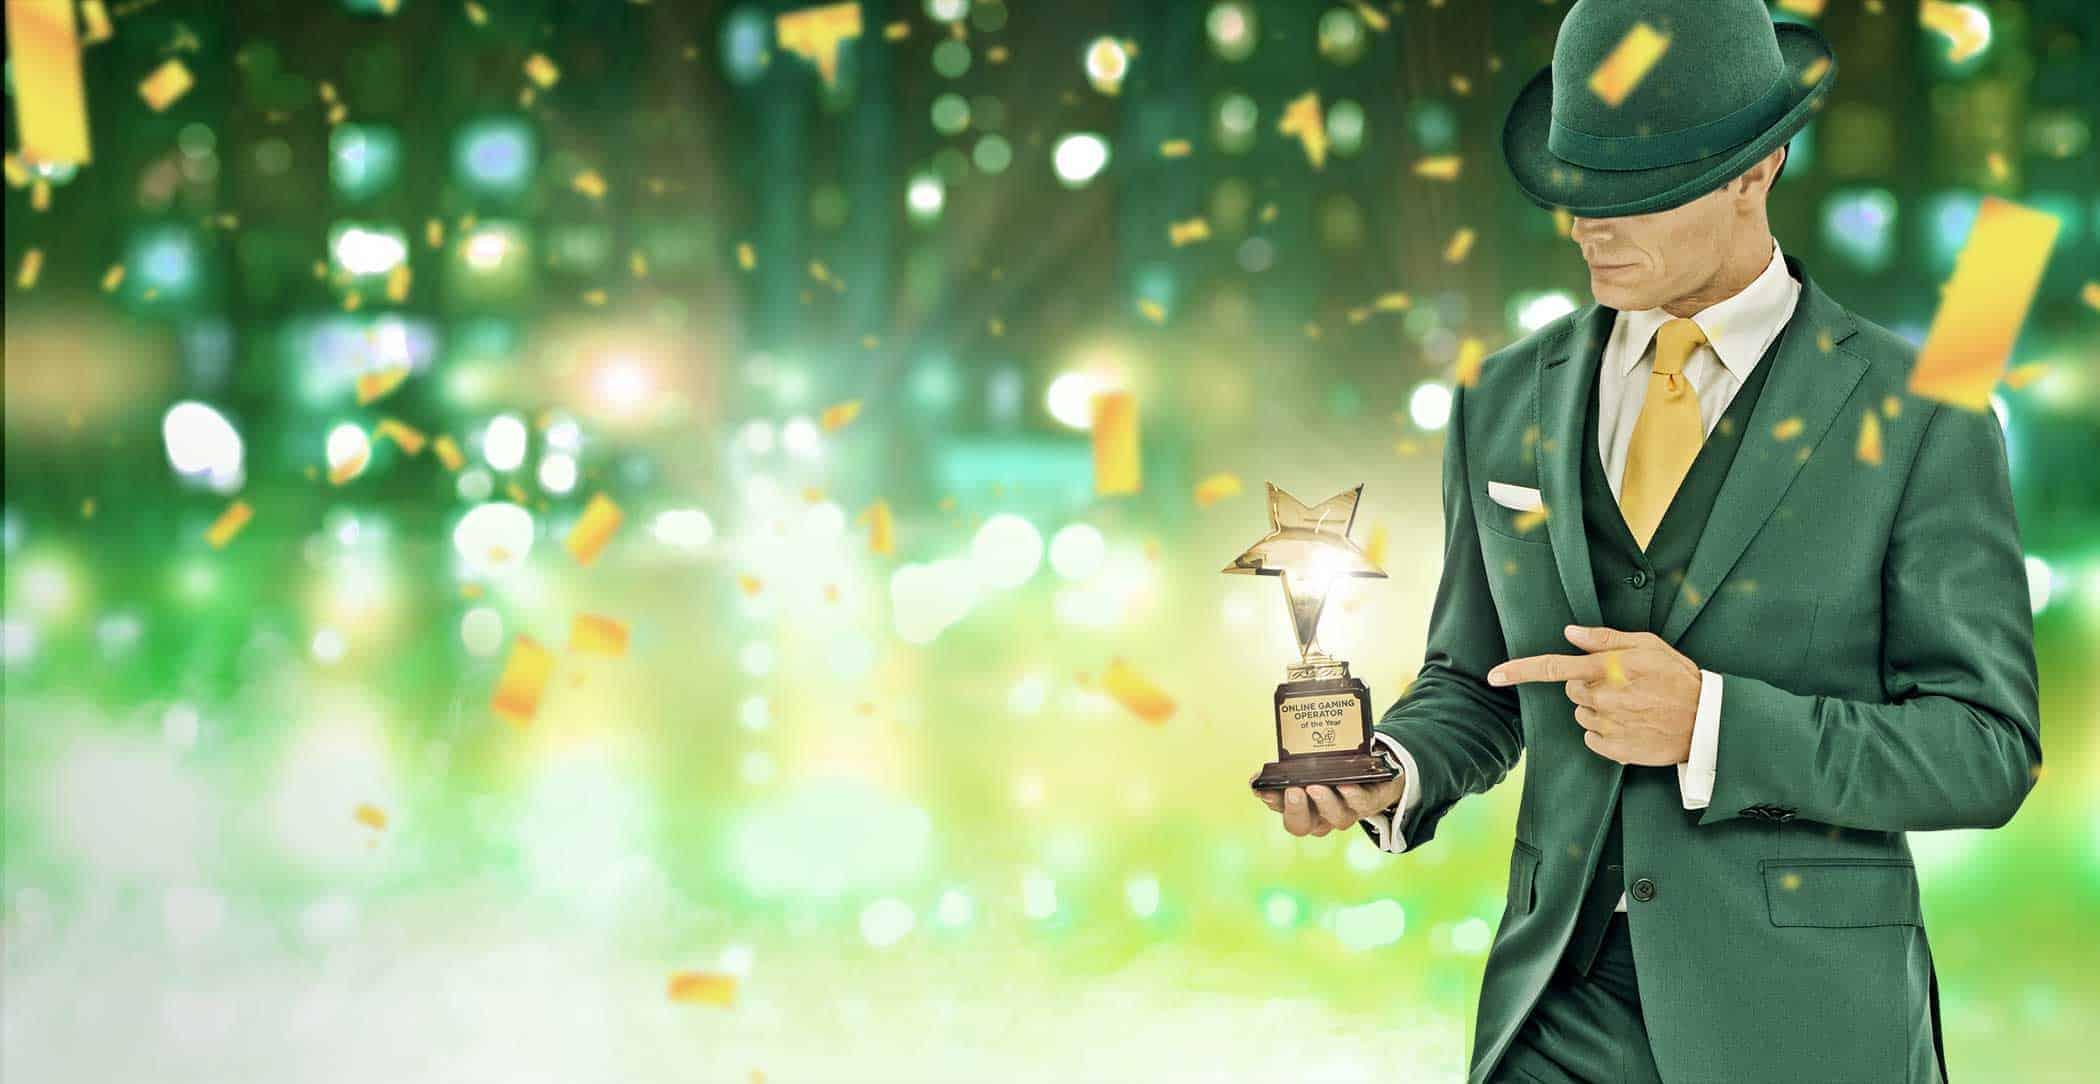 mr-green-awards-bg